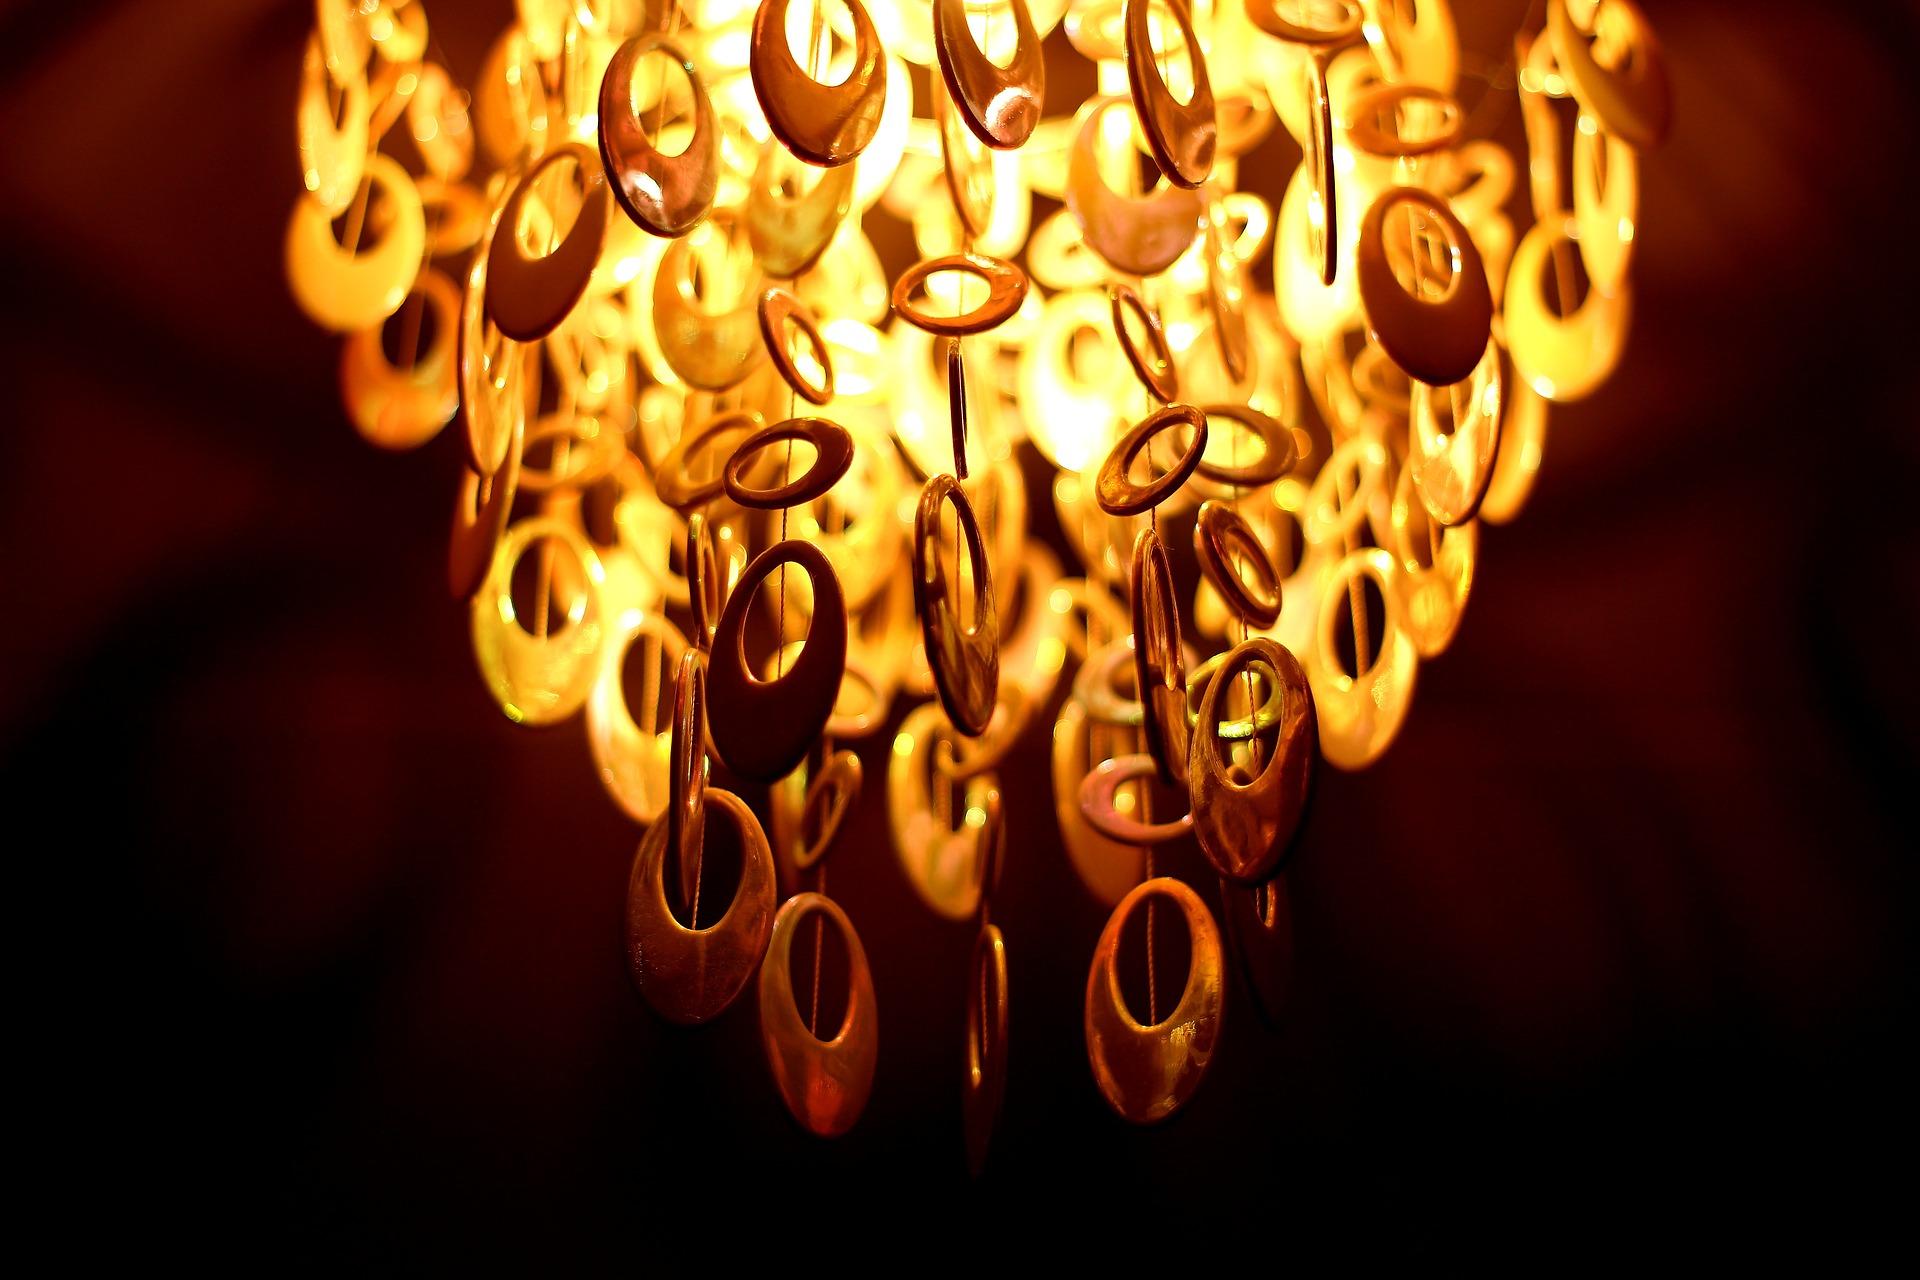 chandelier-743239_1920